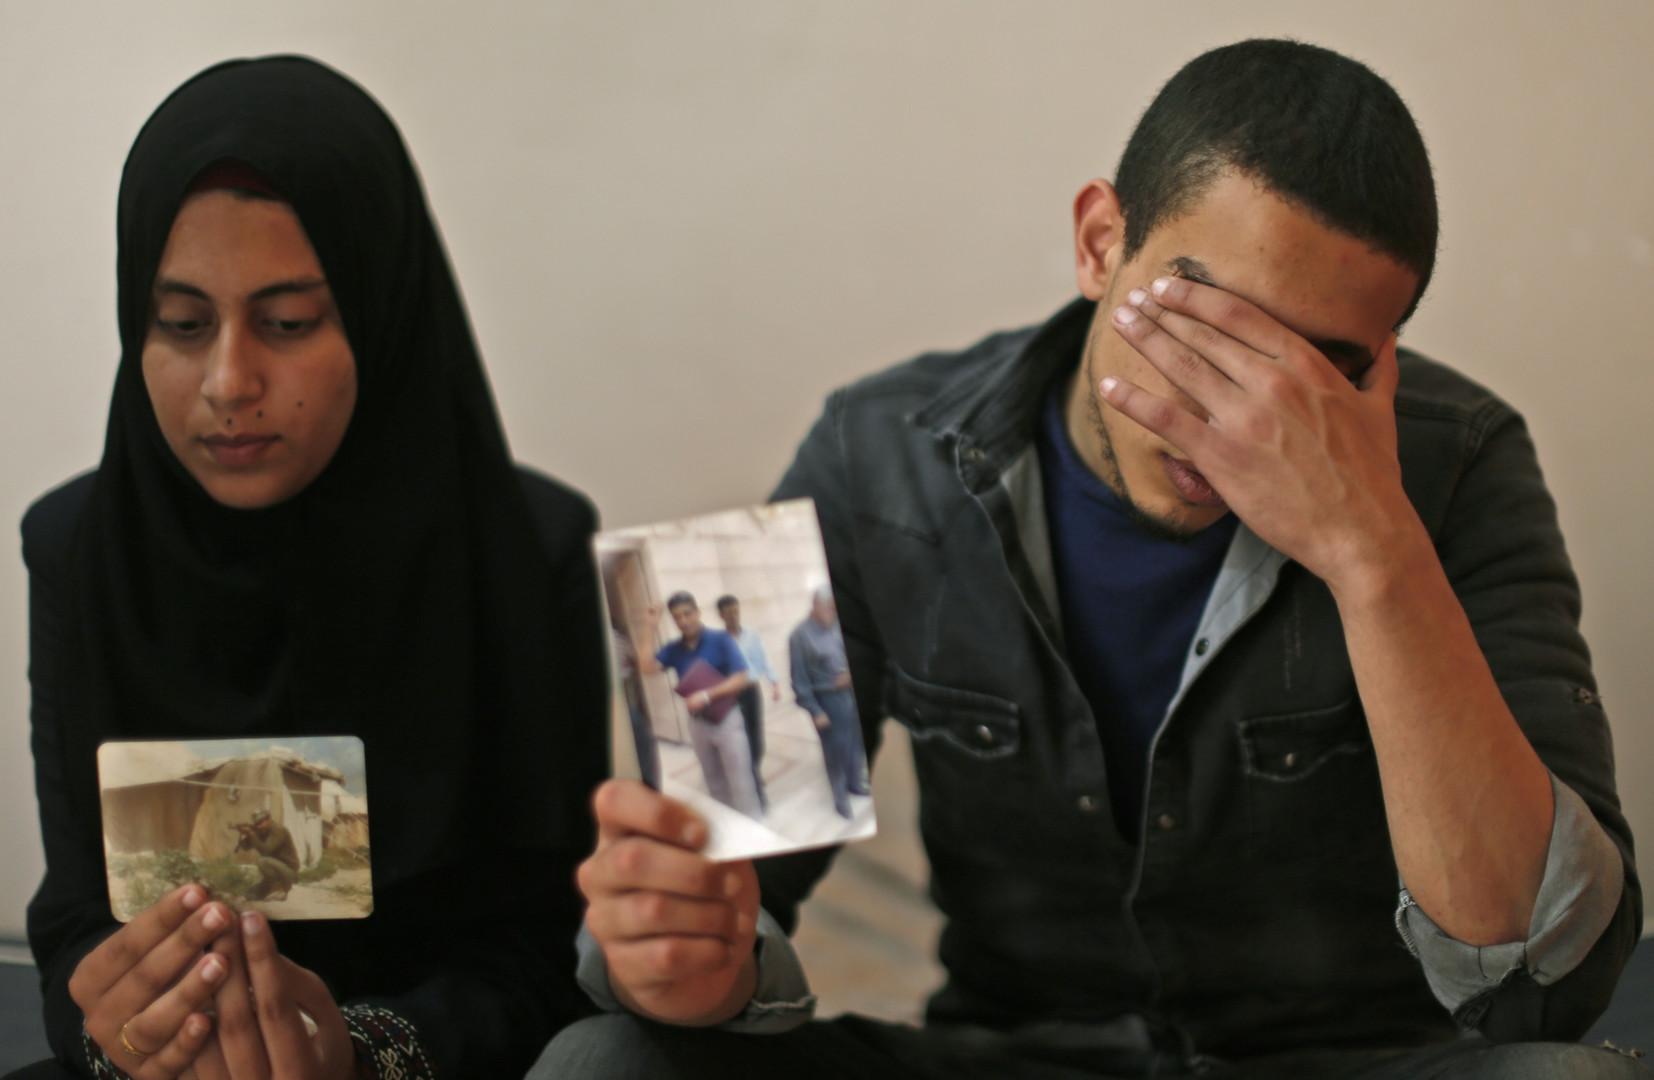 مصر توافق على تشريح جثة فلسطيني حبسته تركيا بتهمة